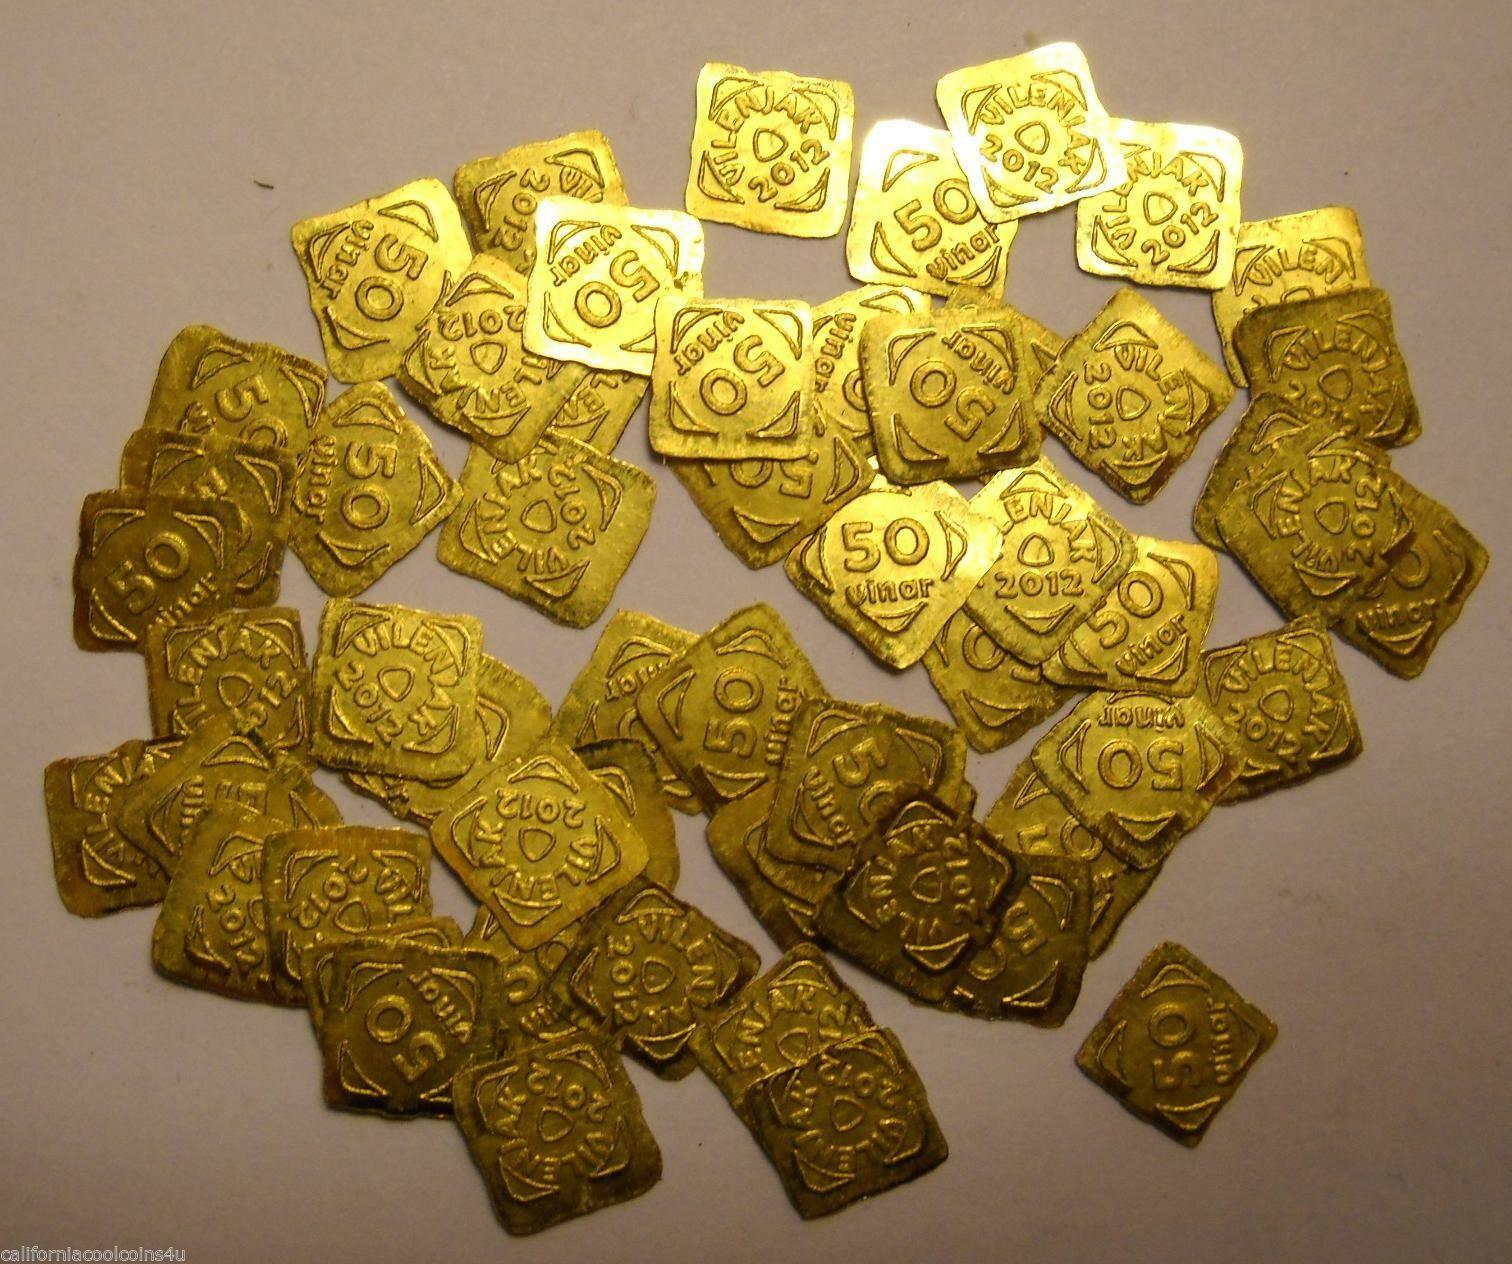 2 Grain 6 Millimeter 999 Pure Gold